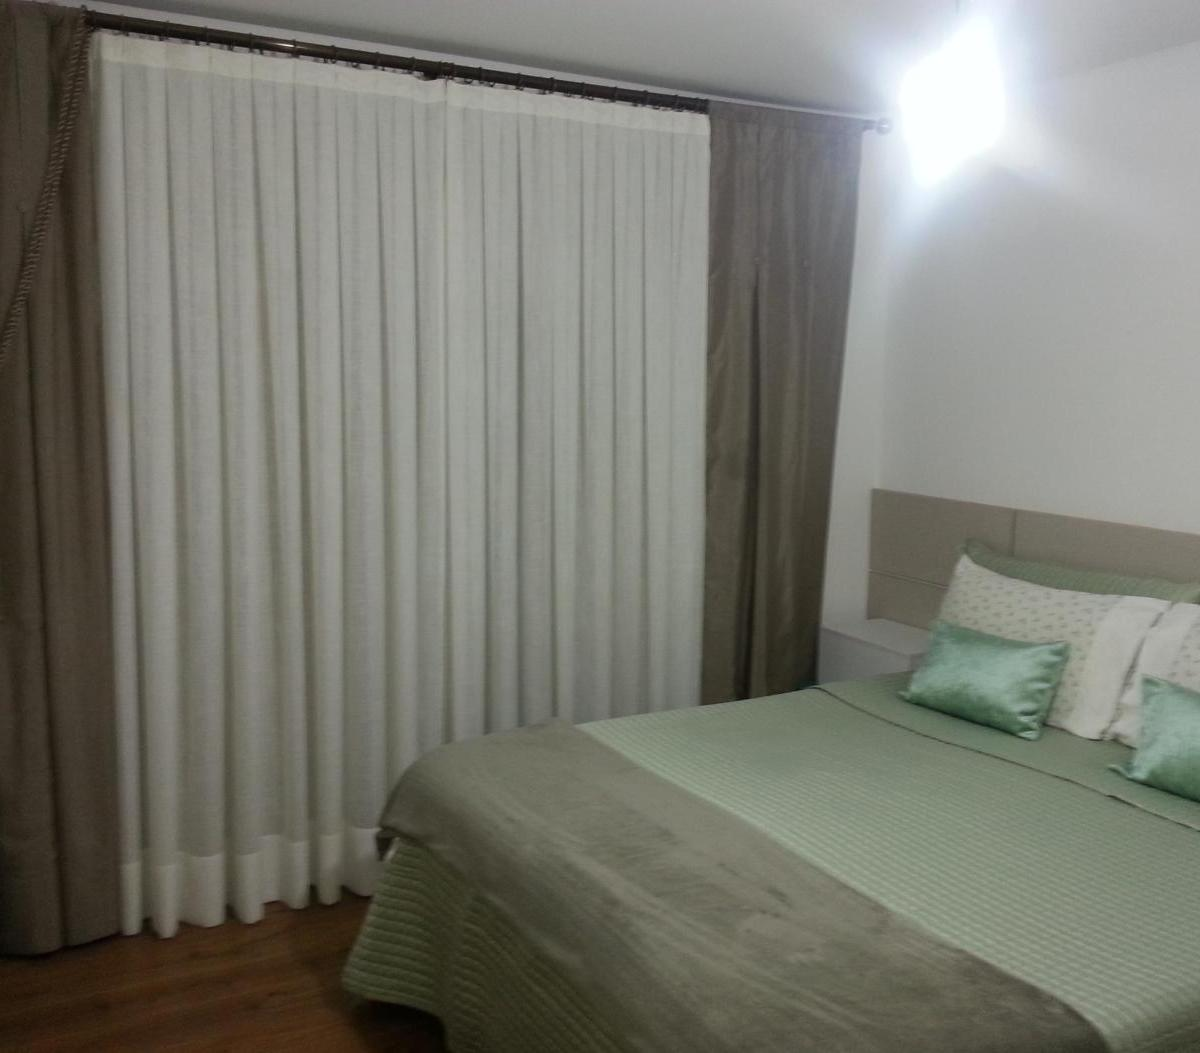 Imagens de #3B3427  Curitiba Boa Vista Excelente Sobrado Mobiliado e Decorado no Boa Vista 1200x1053 px 3060 Box Banheiro Boa Vista Curitiba